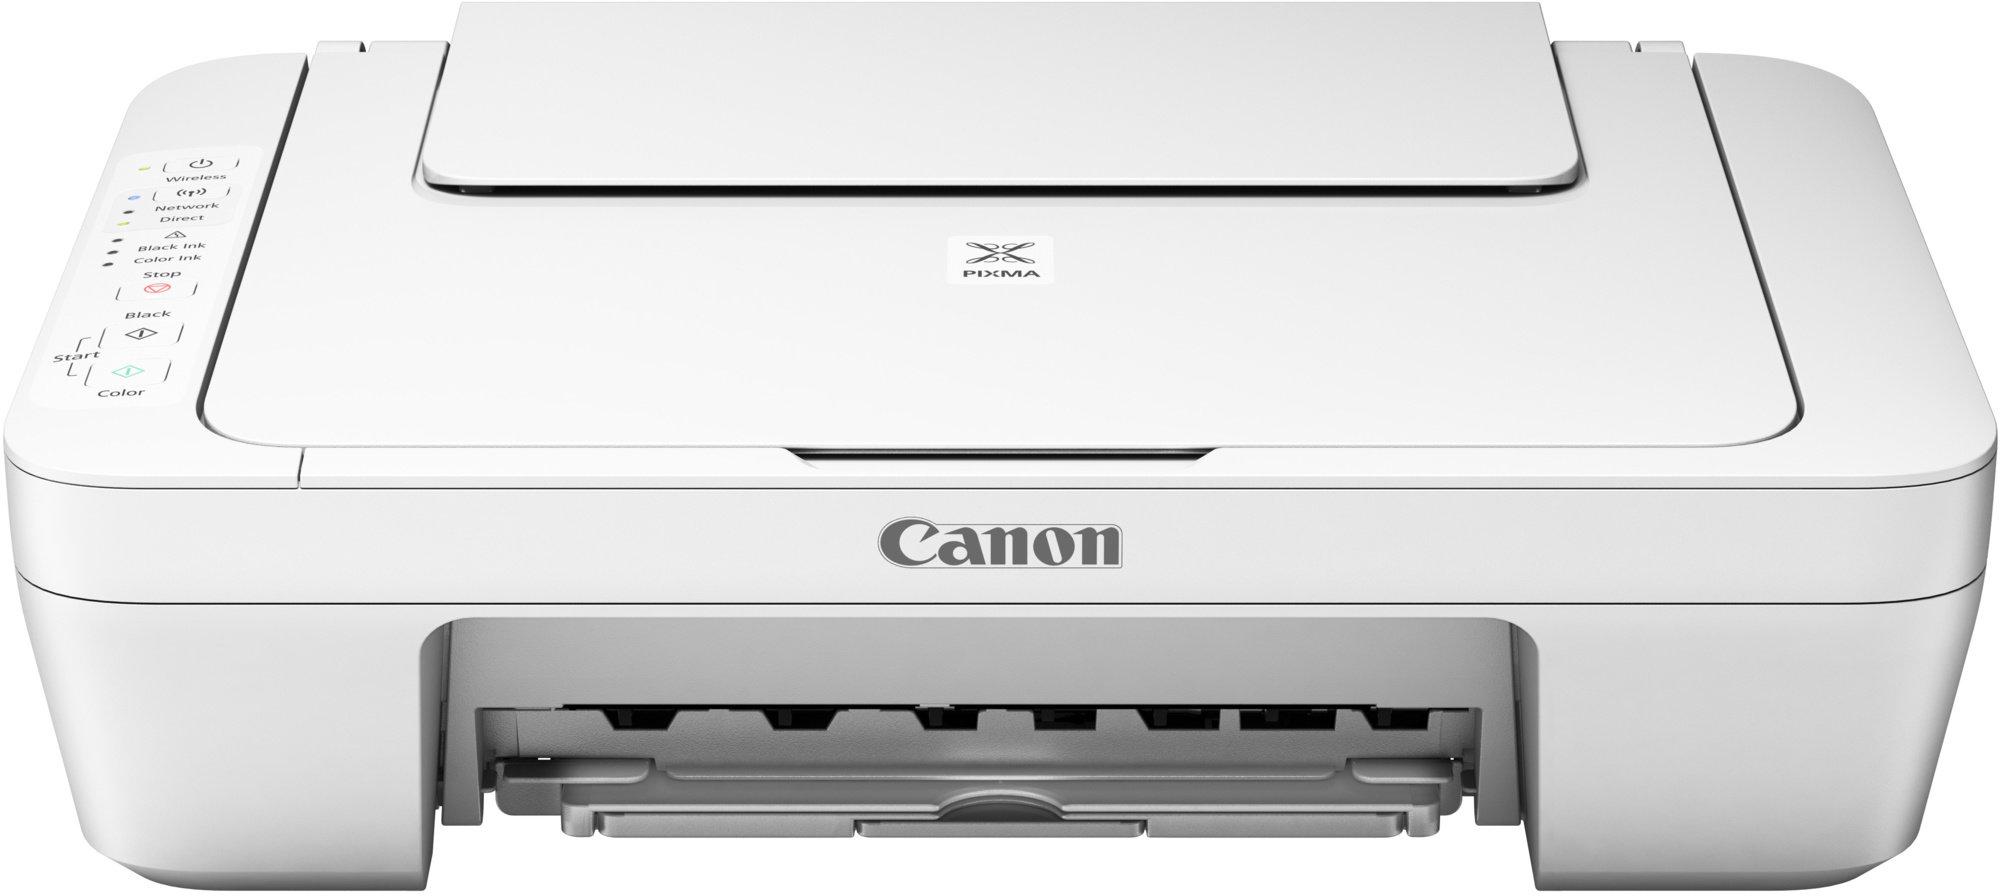 Canon PIXMA MG3051 - PSC/Wi-Fi/AP/4800x600/USB white